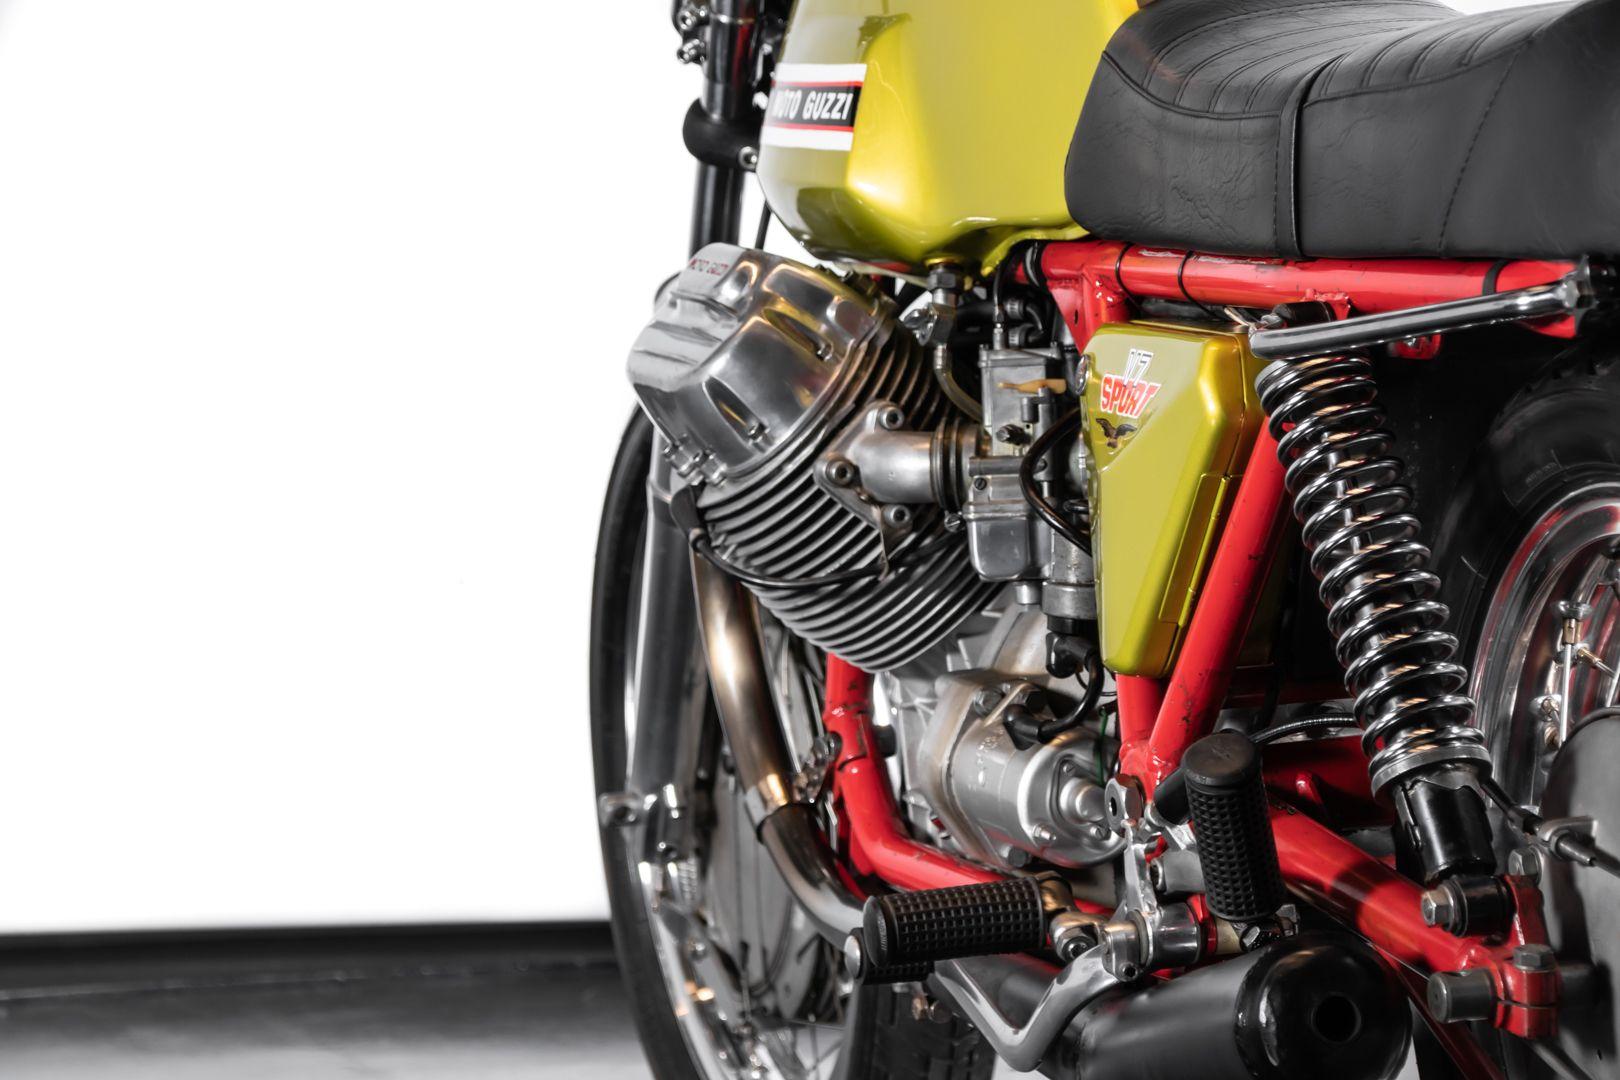 1972 Moto Guzzi V7 Sport Telaio Rosso 76508